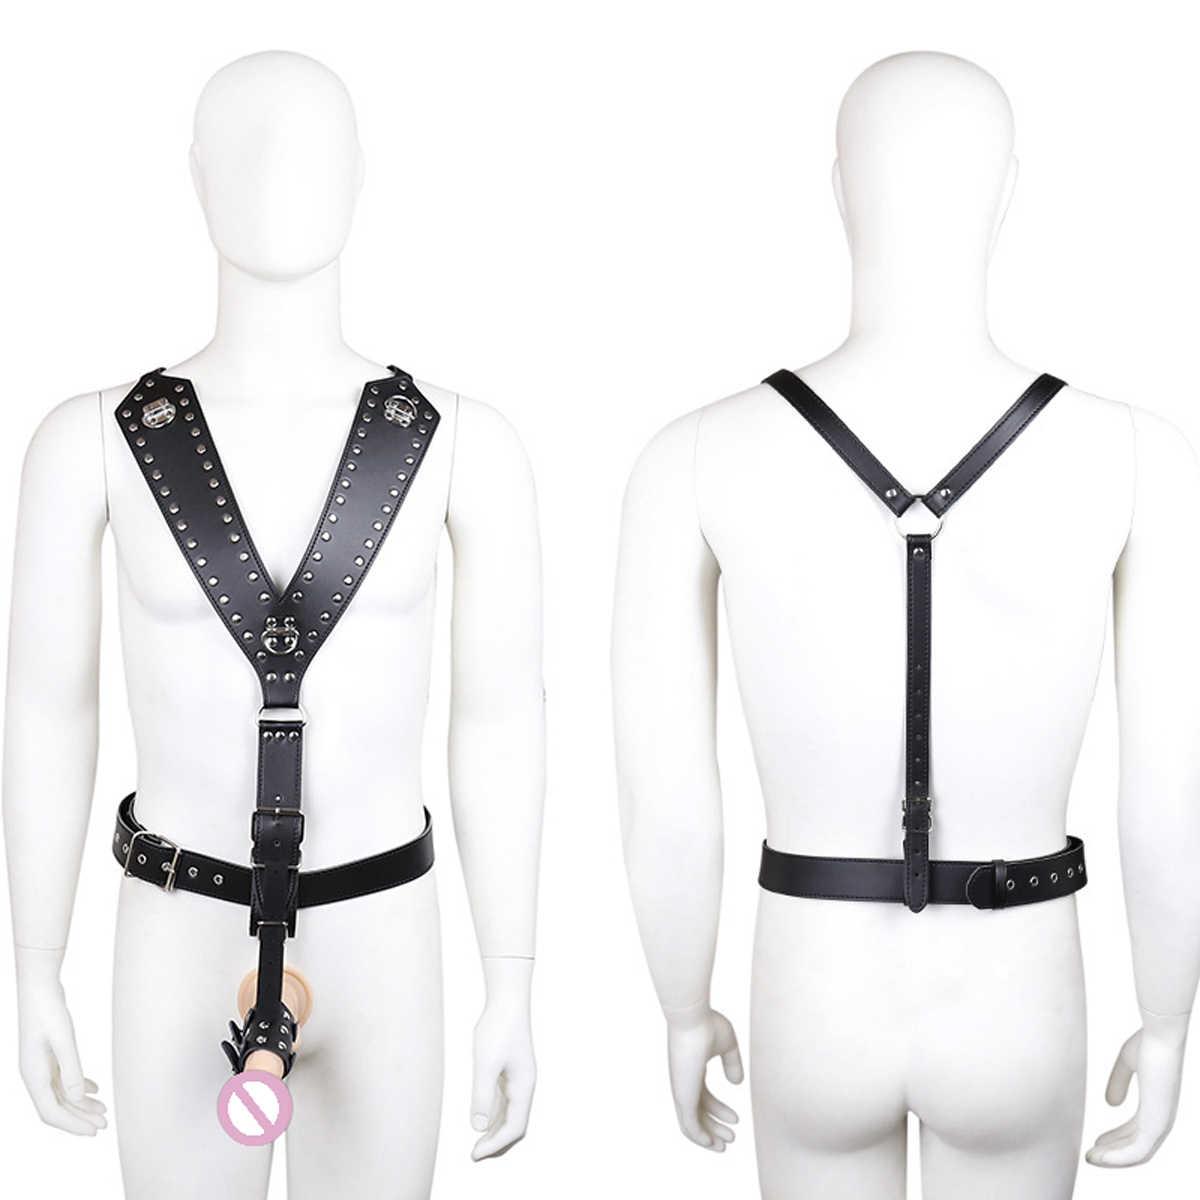 Skóra PU dla mężczyzn pas cnoty spodnie Bdsm Bondage ograniczenia w klatce piersiowej talii szelki kobiet body stringi fetysz Sex zabawki